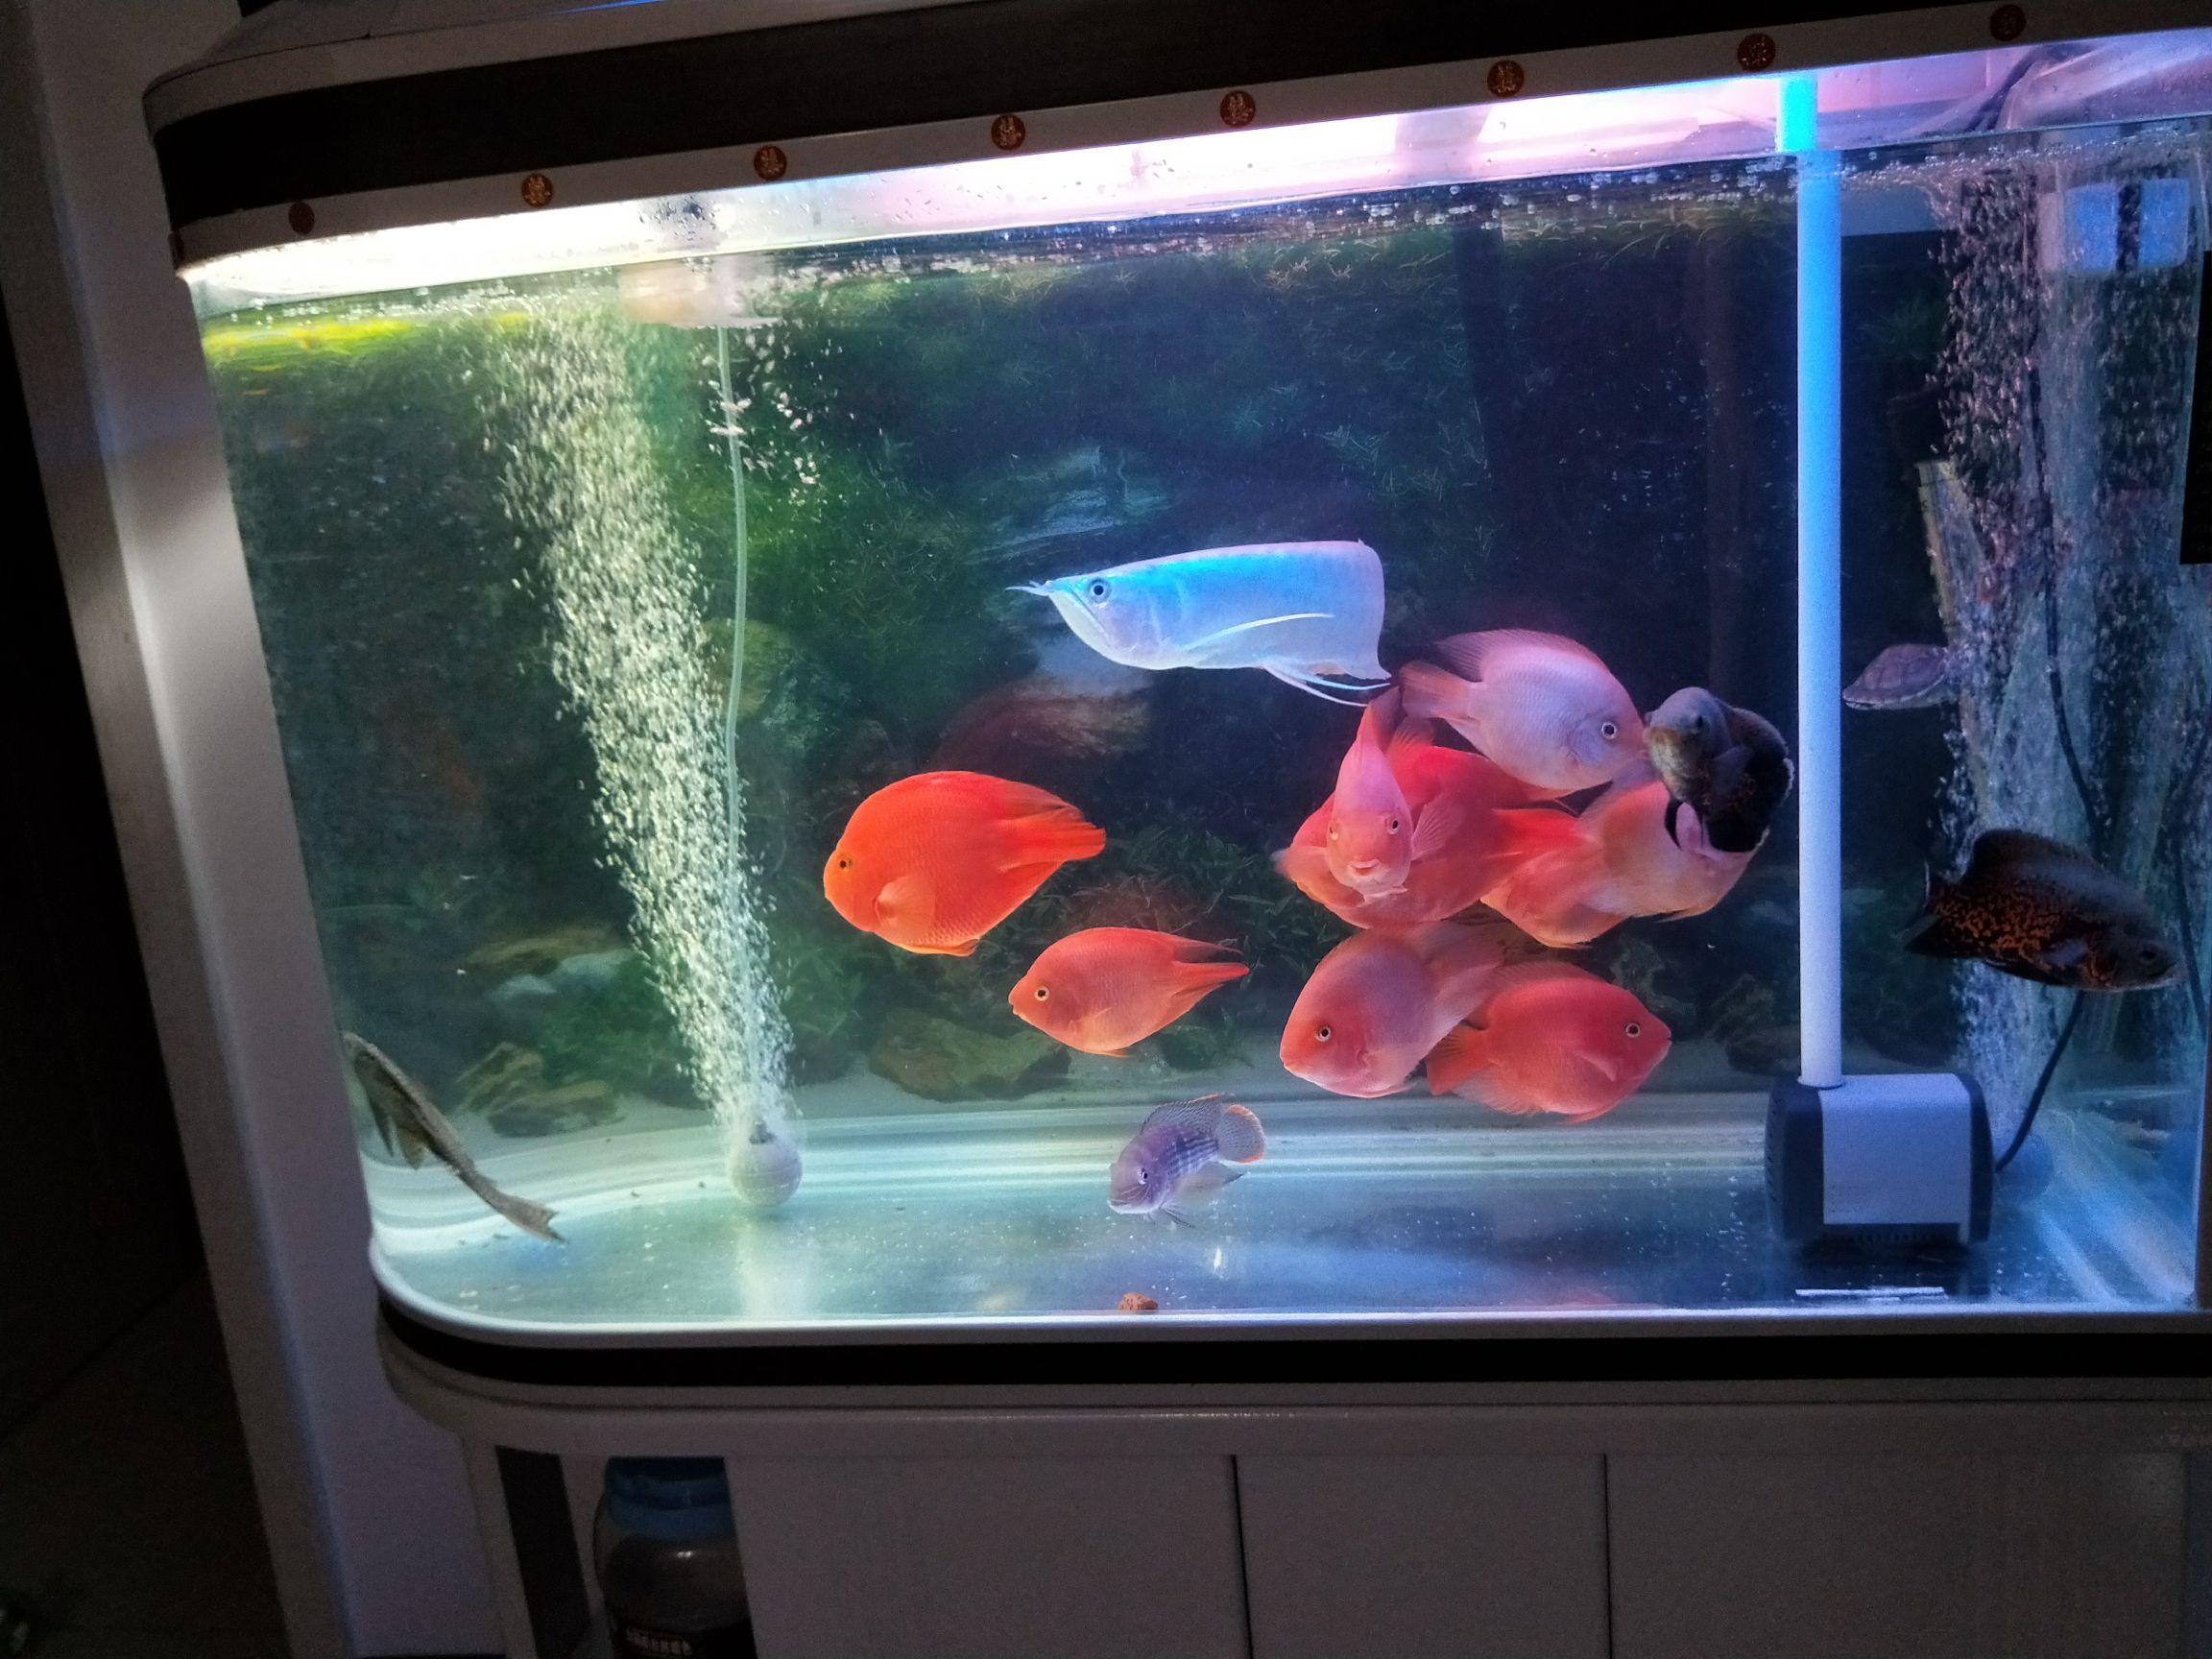 【西安红龙鱼粮】鱼鱼 今天都怎么爱动 为什么呢 西安观赏鱼信息 西安博特第1张